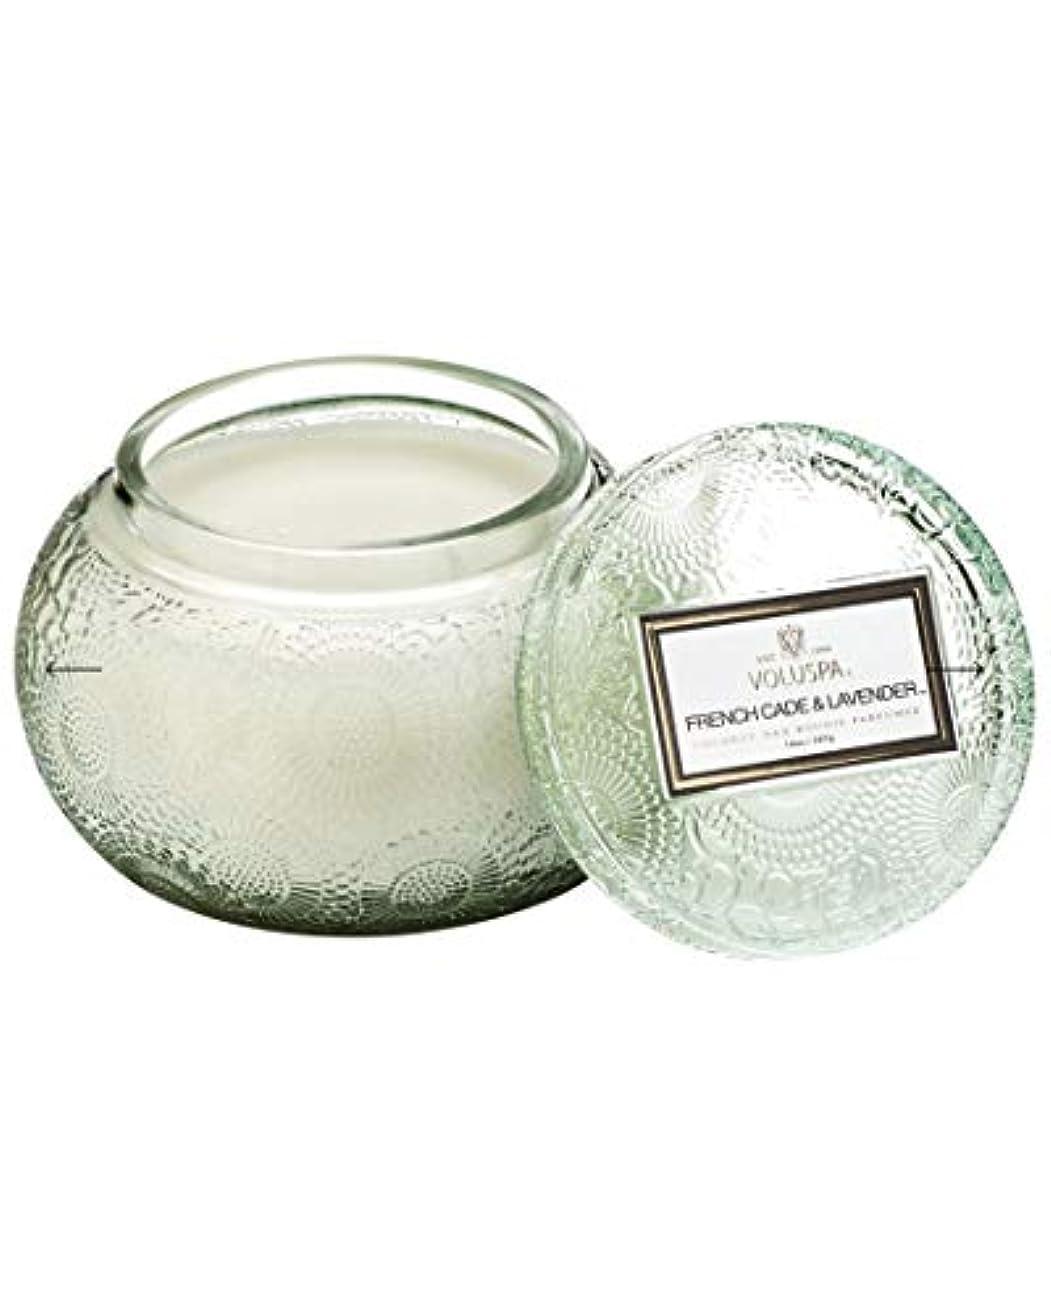 に勝る長老見るVOLUSPA チャワングラスキャンドル French Cade Lavender フレンチケード&ラベンダー GLASS CANDLE ボルスパ